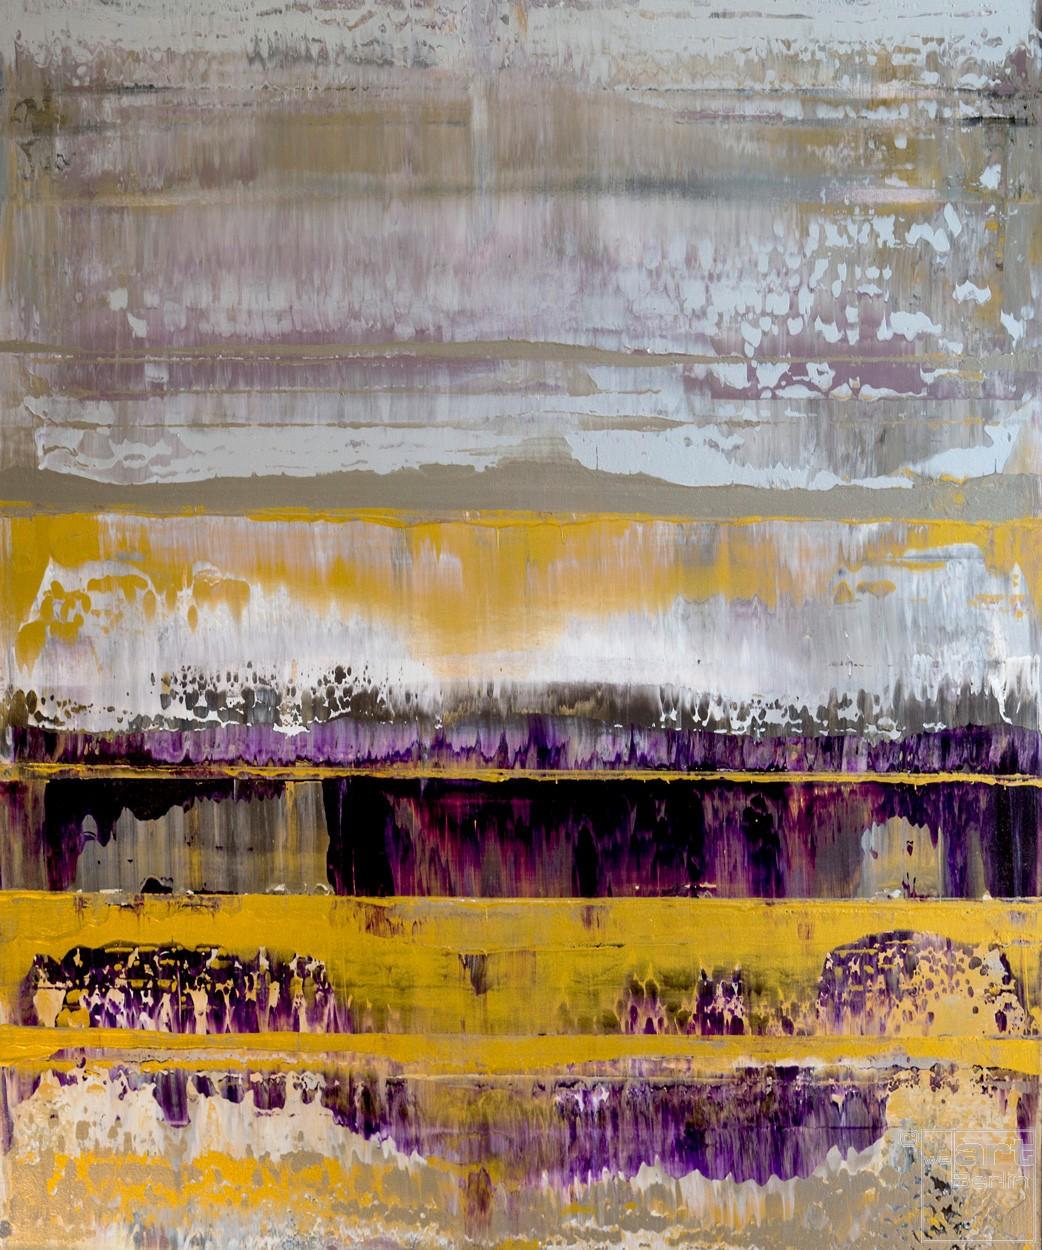 Prisma 10 - Schaumiger Amethyst   Malerei von Lali Torma   Acryl auf Leinwand